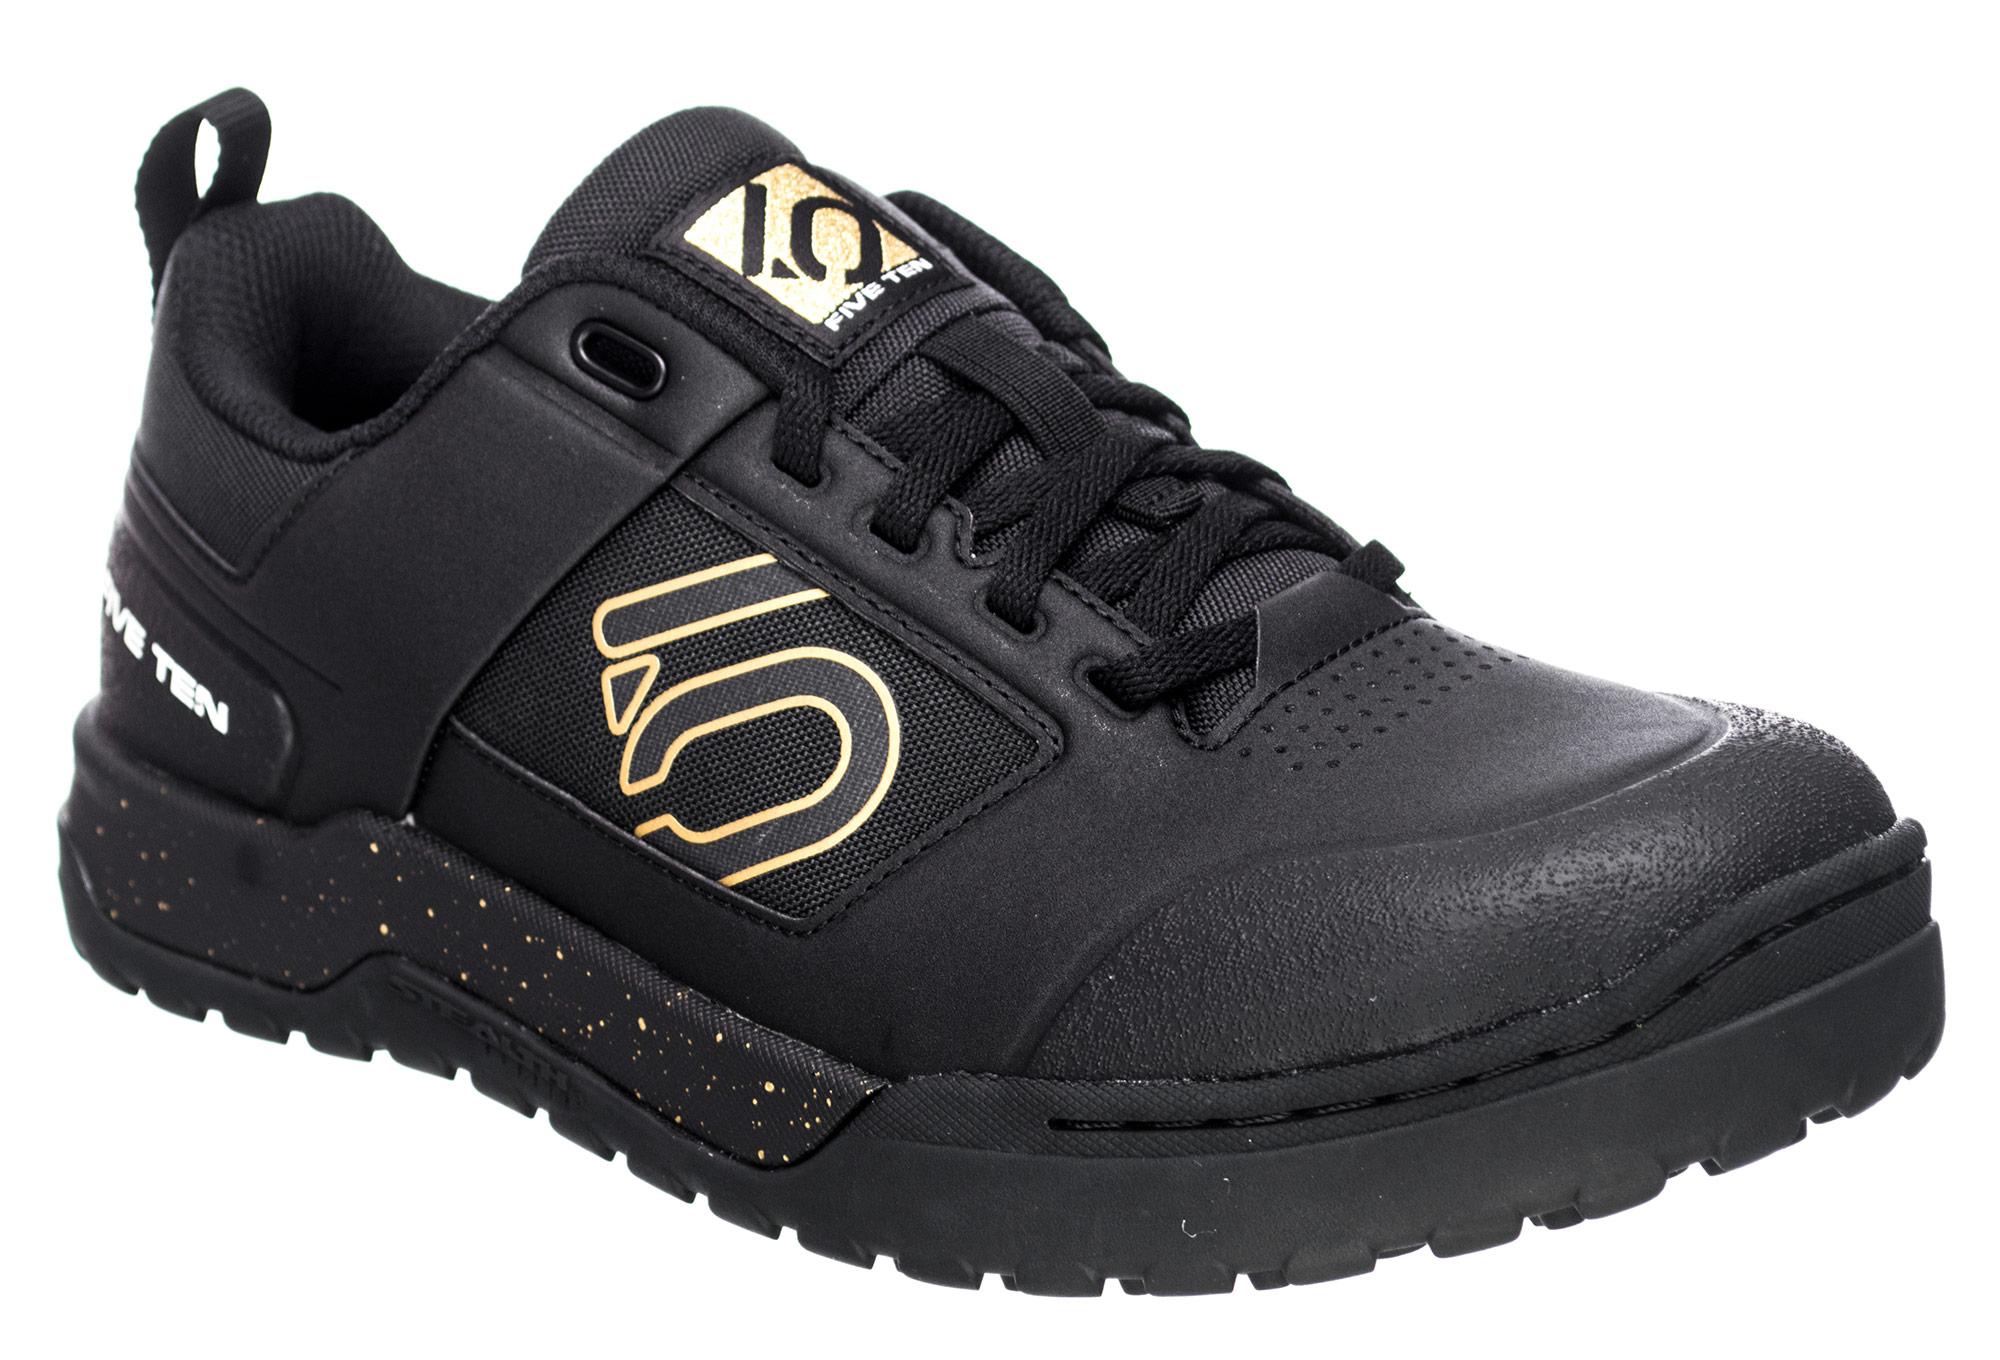 Schuhe Ten Impact Pro Gold Mtb Schwarz Five dBeCxo